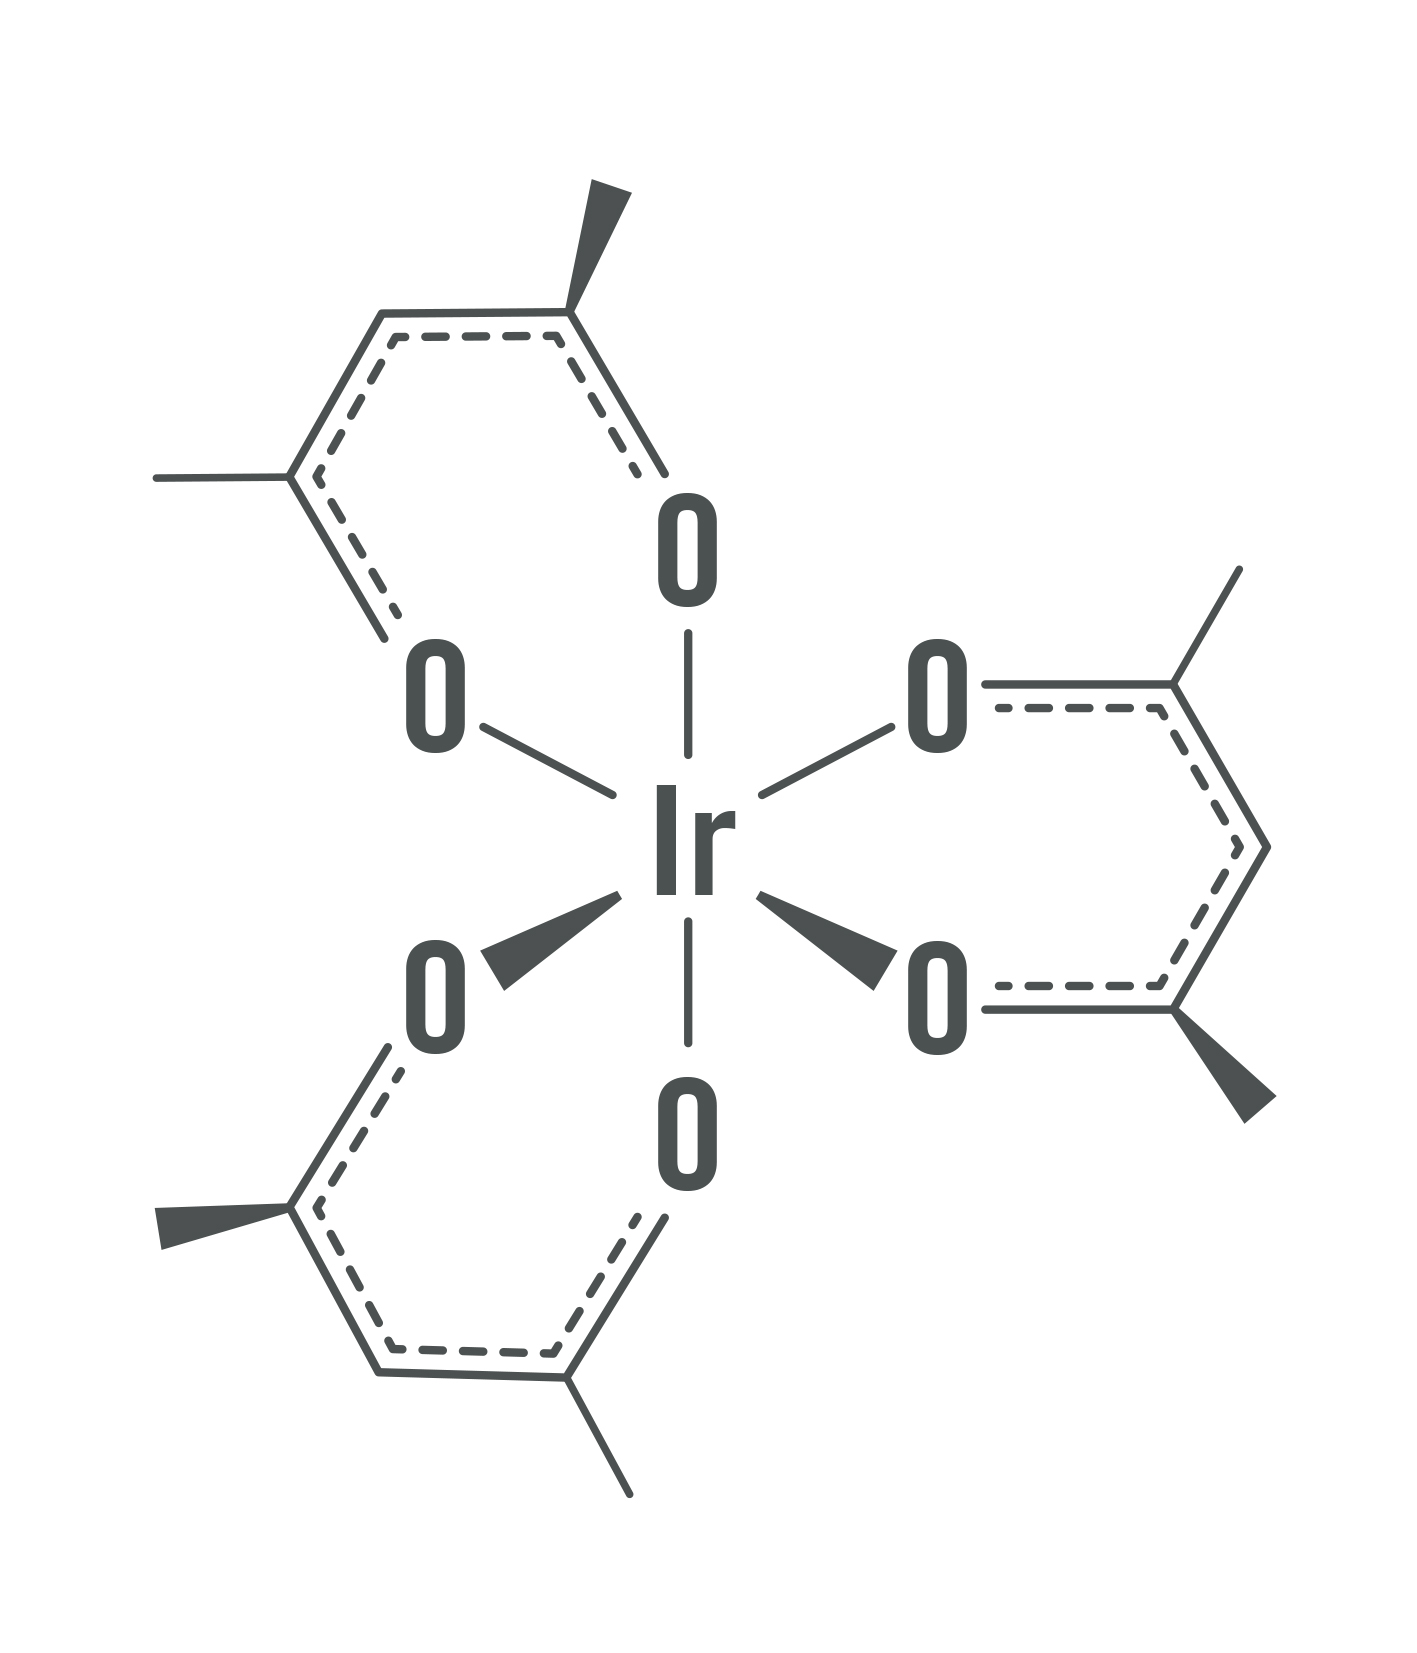 Tris(acetylacetonato)iridium(III)